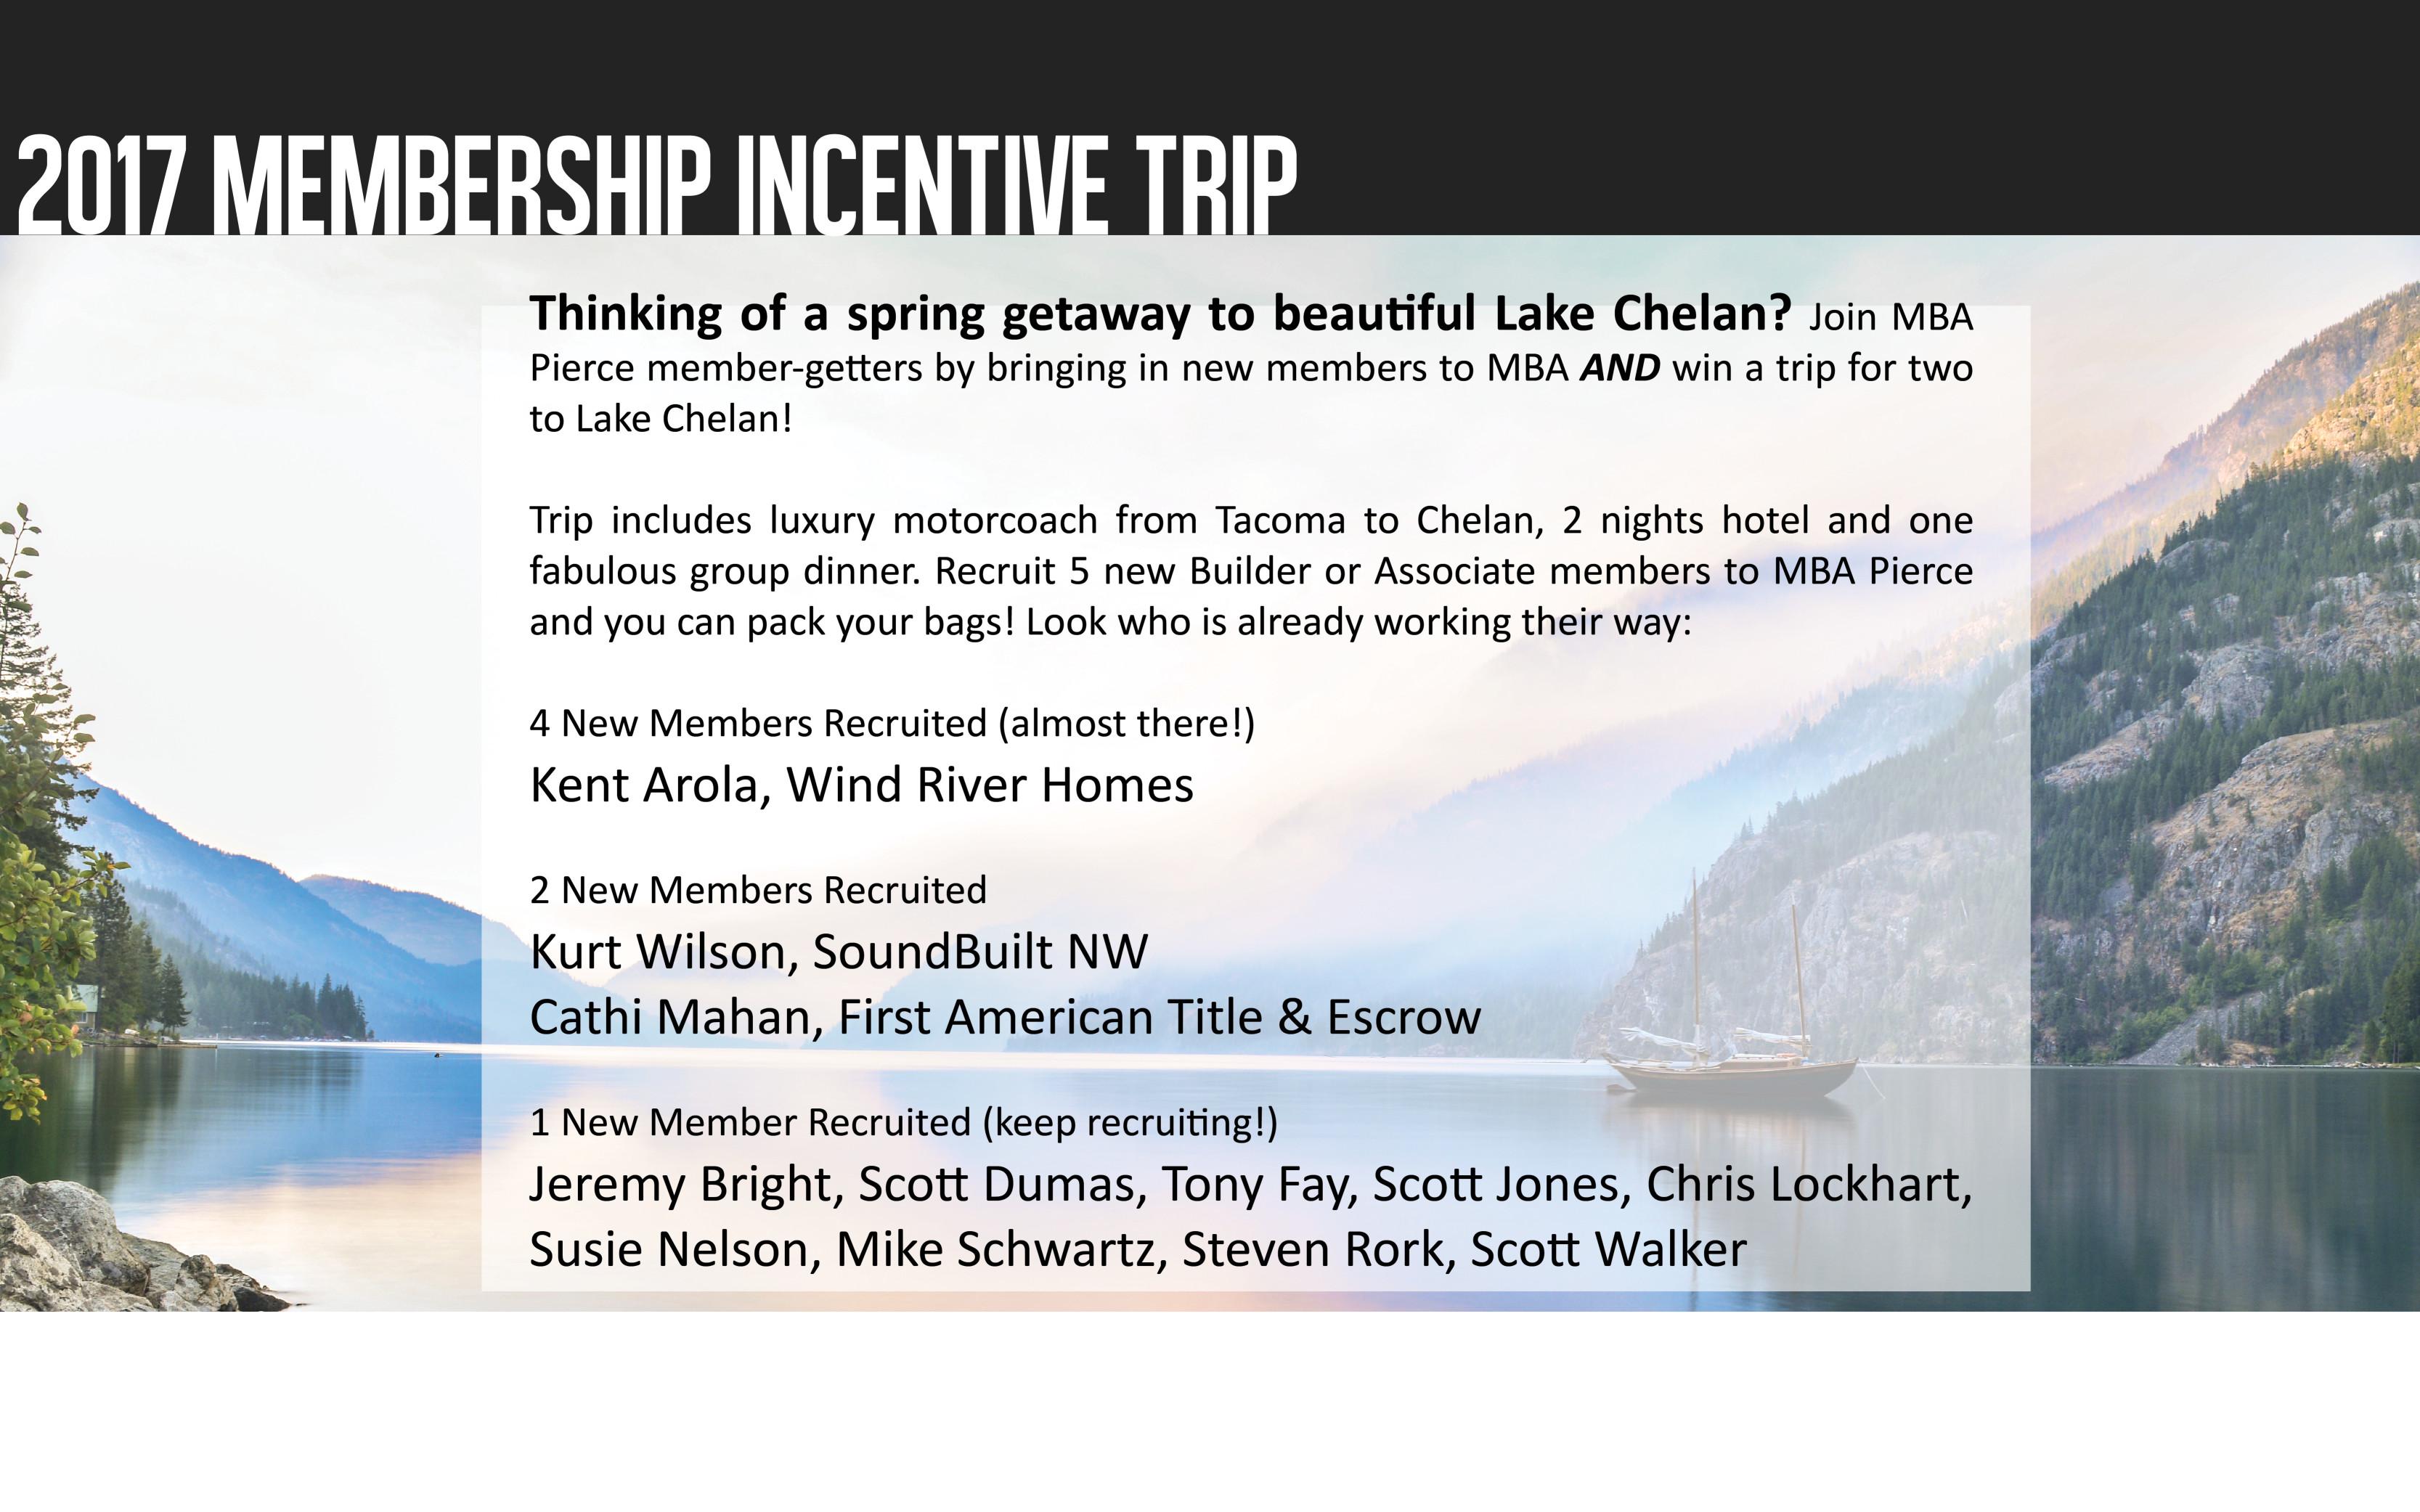 2017 incentive trip